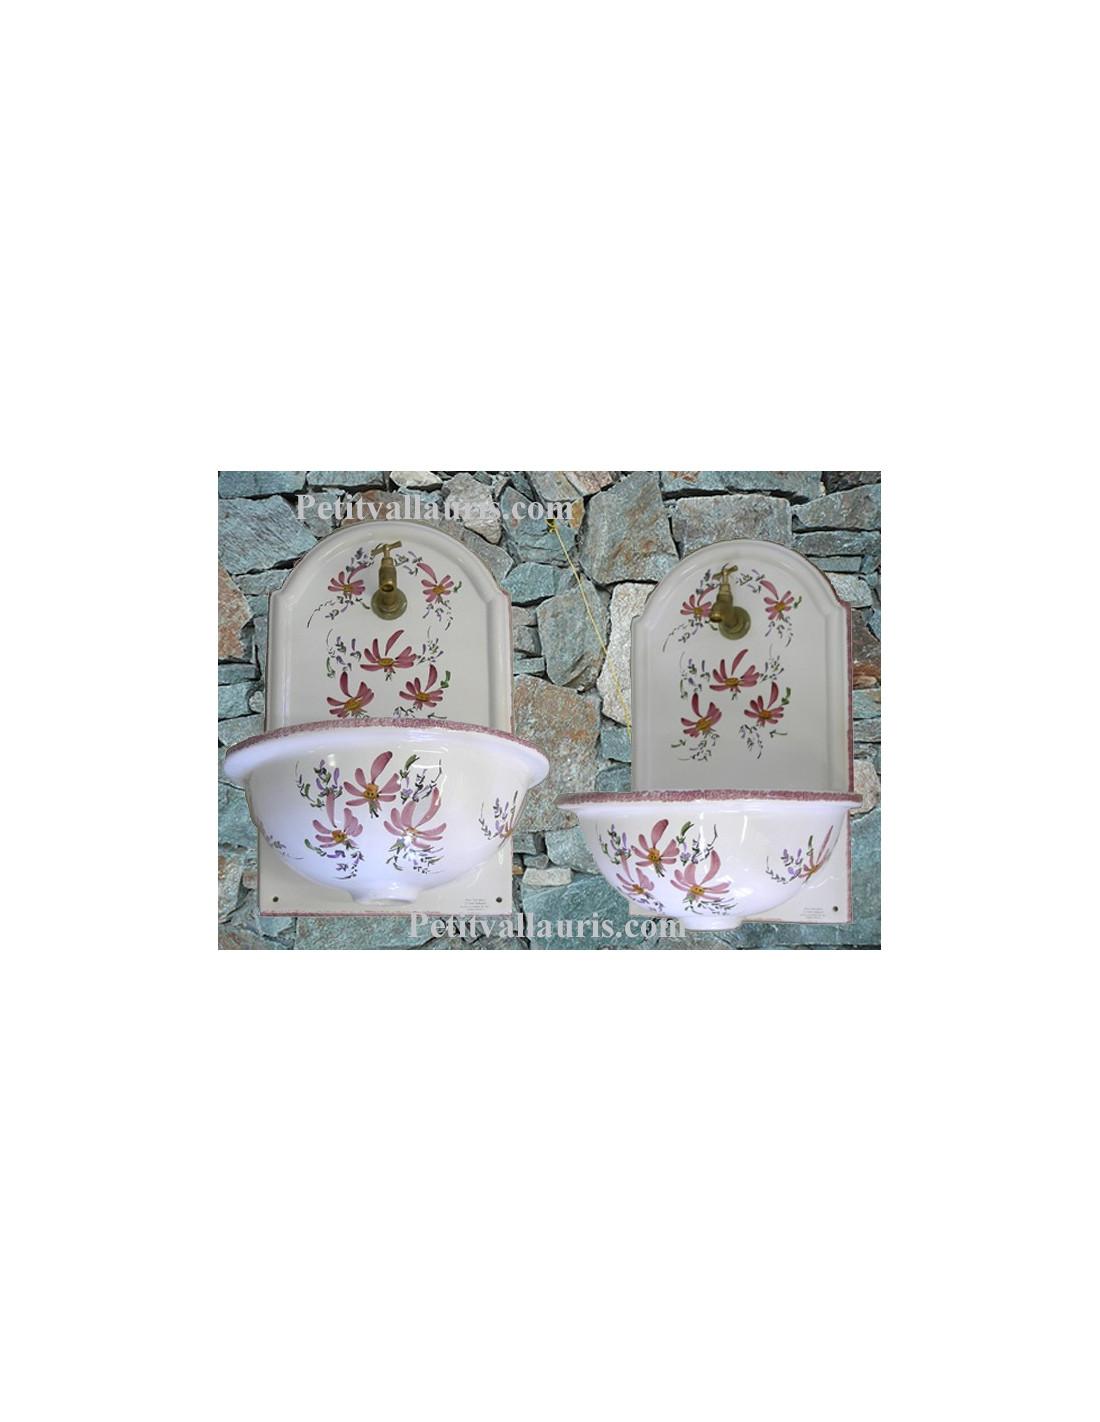 fontaine murale blanche en c ramique d cor artisanal fleurs roses taille 2 le petit vallauris. Black Bedroom Furniture Sets. Home Design Ideas